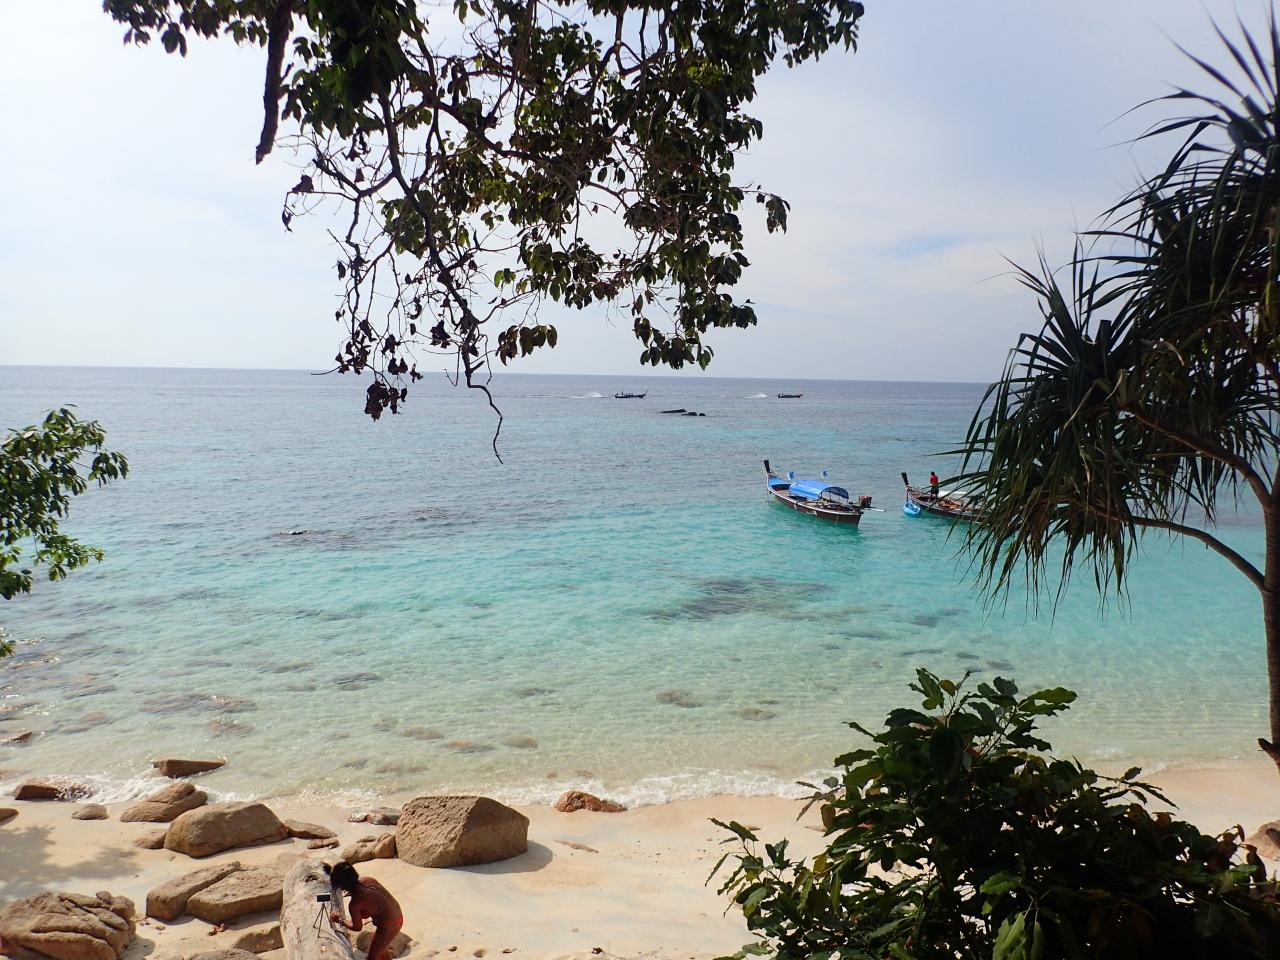 タイ最果ての楽園へ パヤム島・リペ島はしご1人旅♪ ① ドタバタ満載!出発日